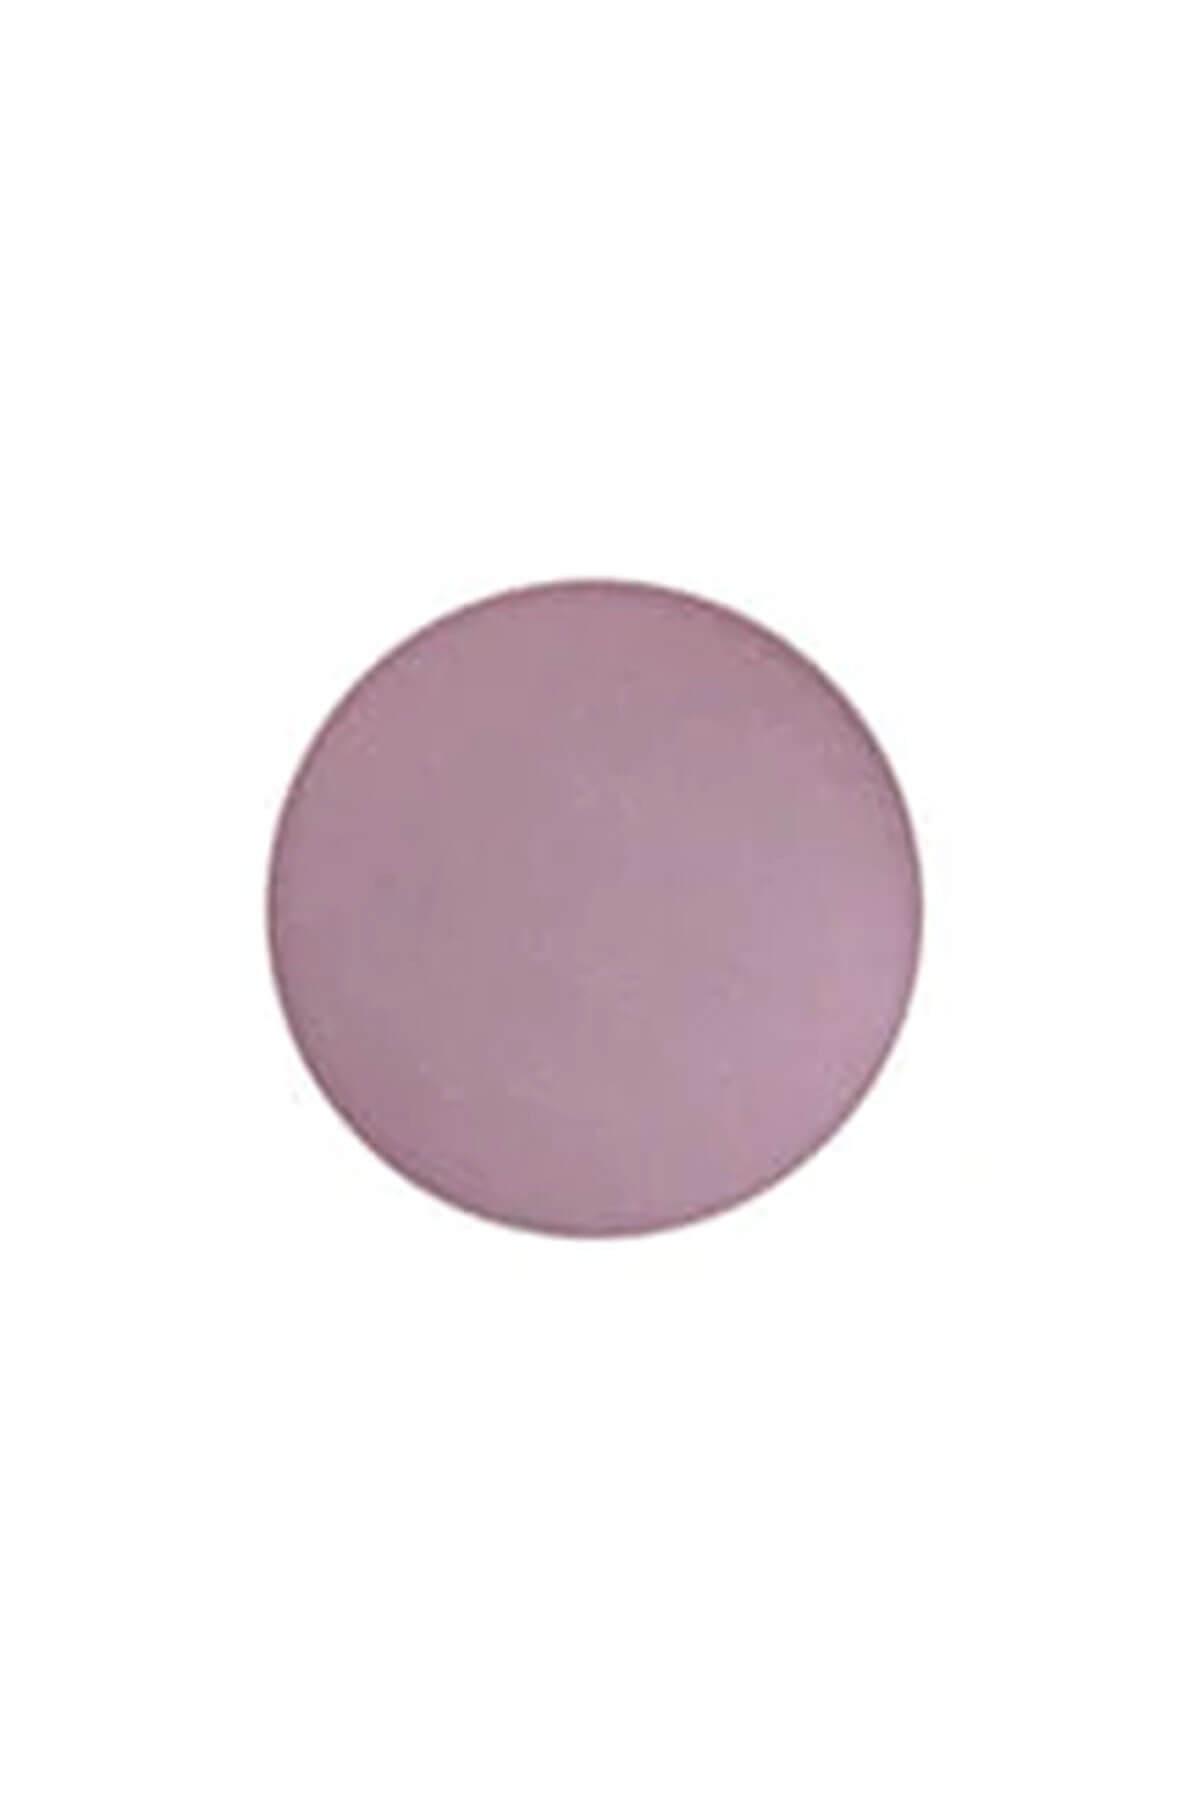 M.A.C Göz Farı - Refill Far Shale 1.5 g 773602967827 1